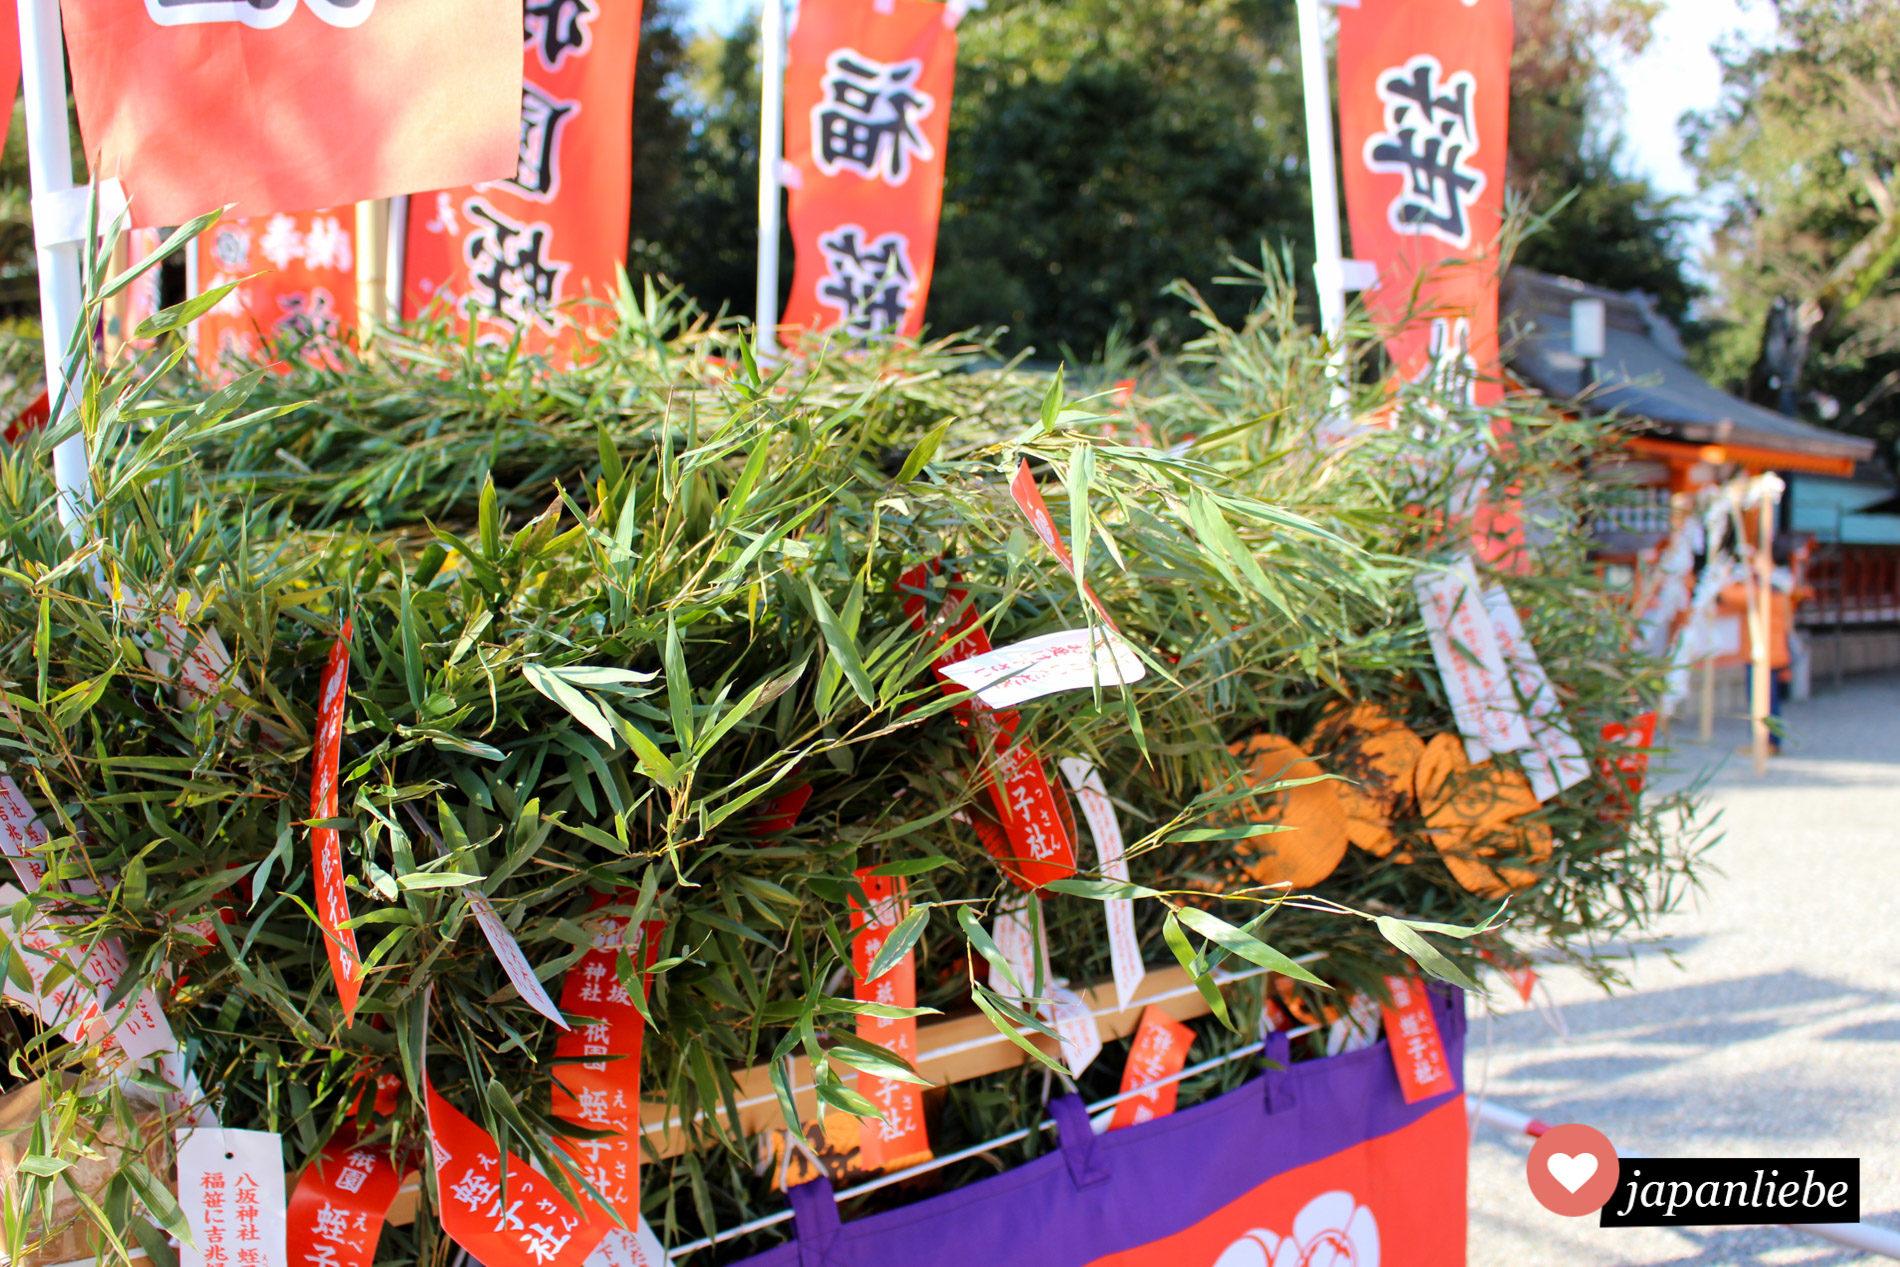 Zum Ebisu-Matsuri werden Bambuszweige mit grünen Blättern an Geschäftsleute verteilt für guten Umsatz im kommenden Jahr.